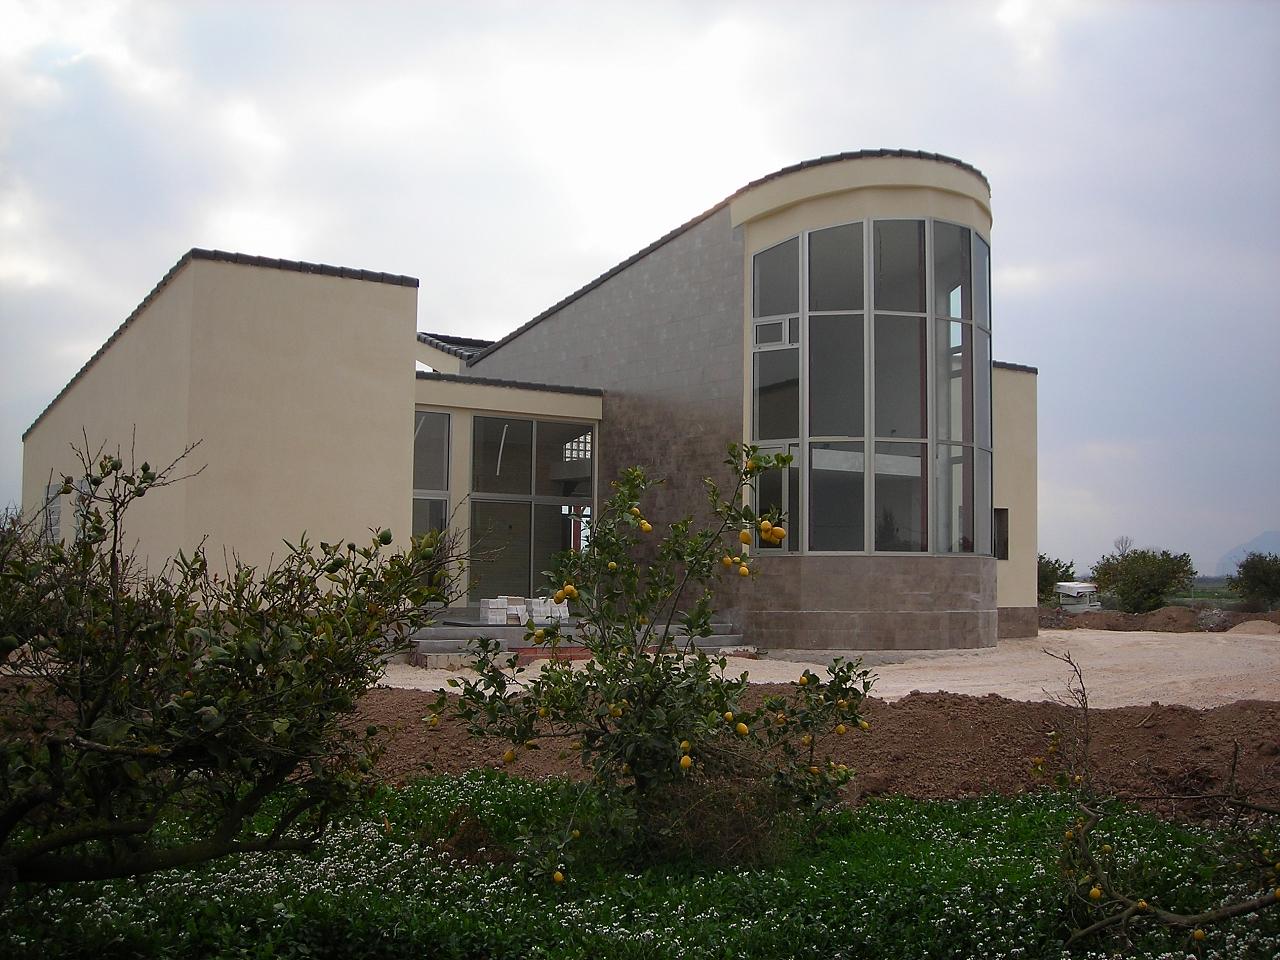 Vida del proyecto vivienda unifamiliar aislada - Necesito un arquitecto ...